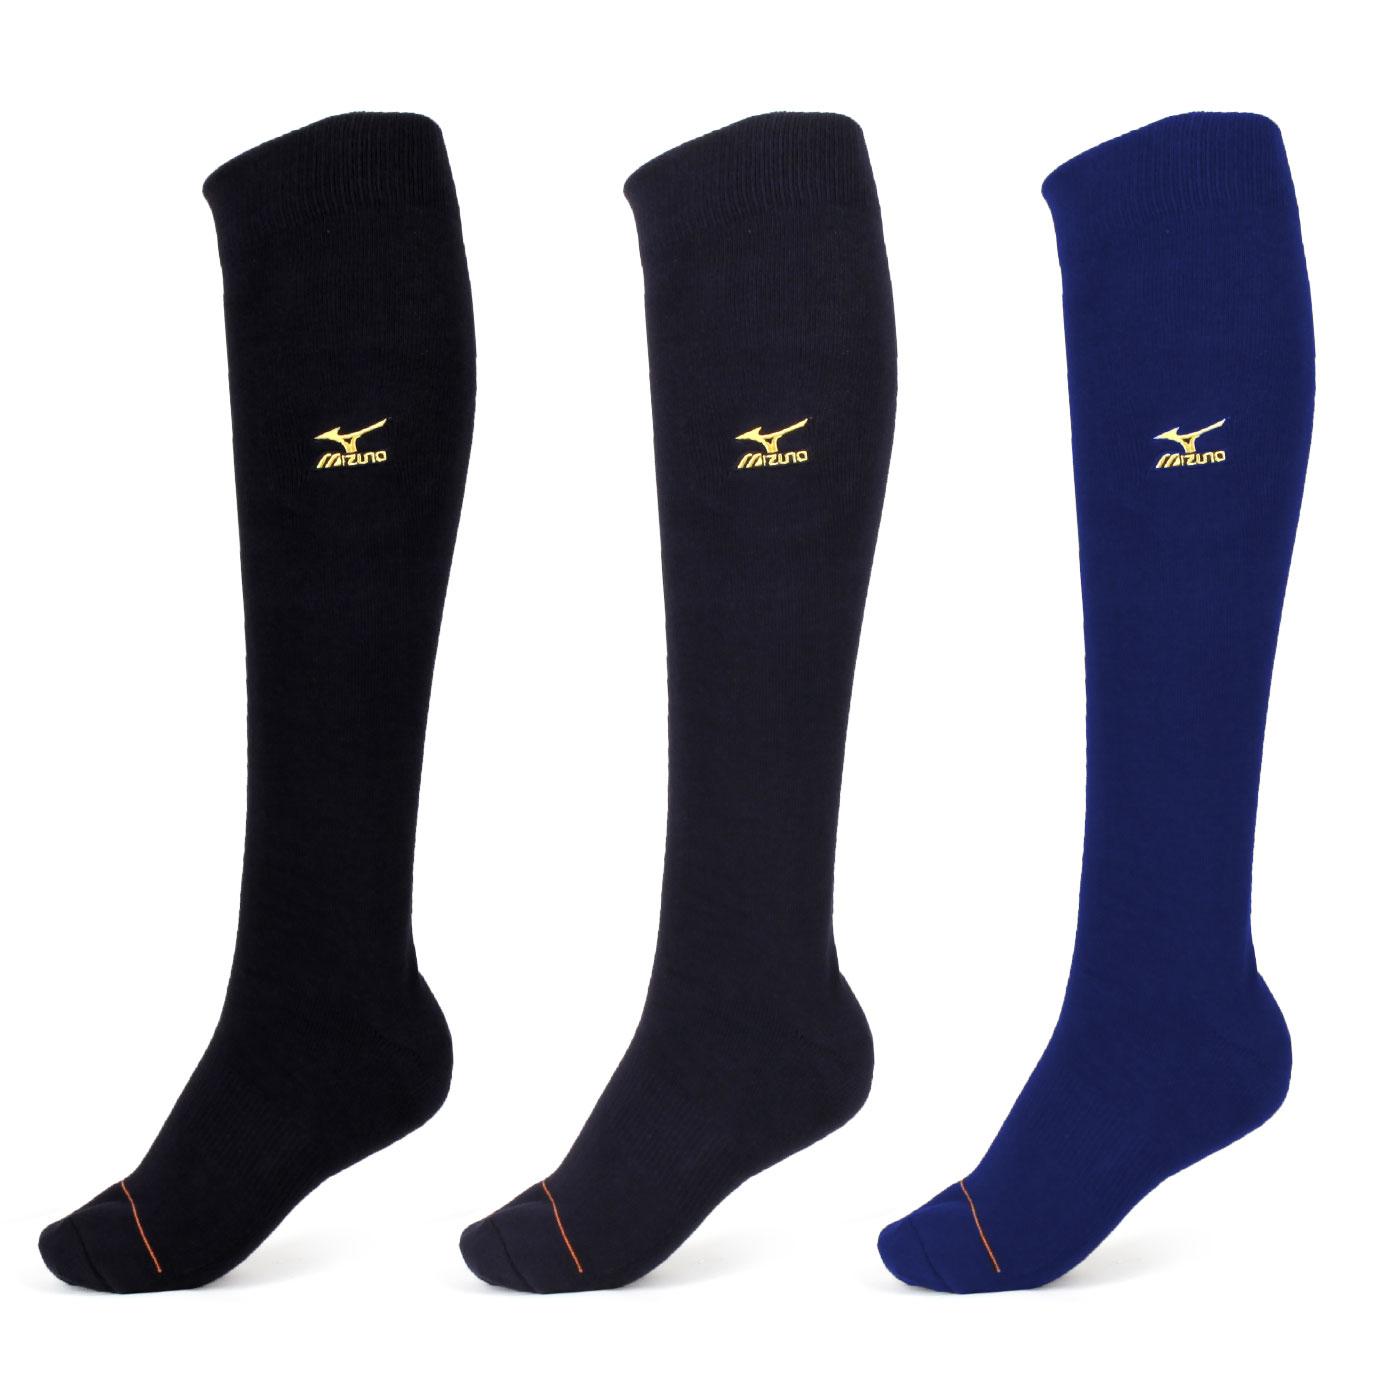 MIZUNO 男襪 (長統襪 襪子 長襪 棒球 壘球【98410371】≡排汗專家≡